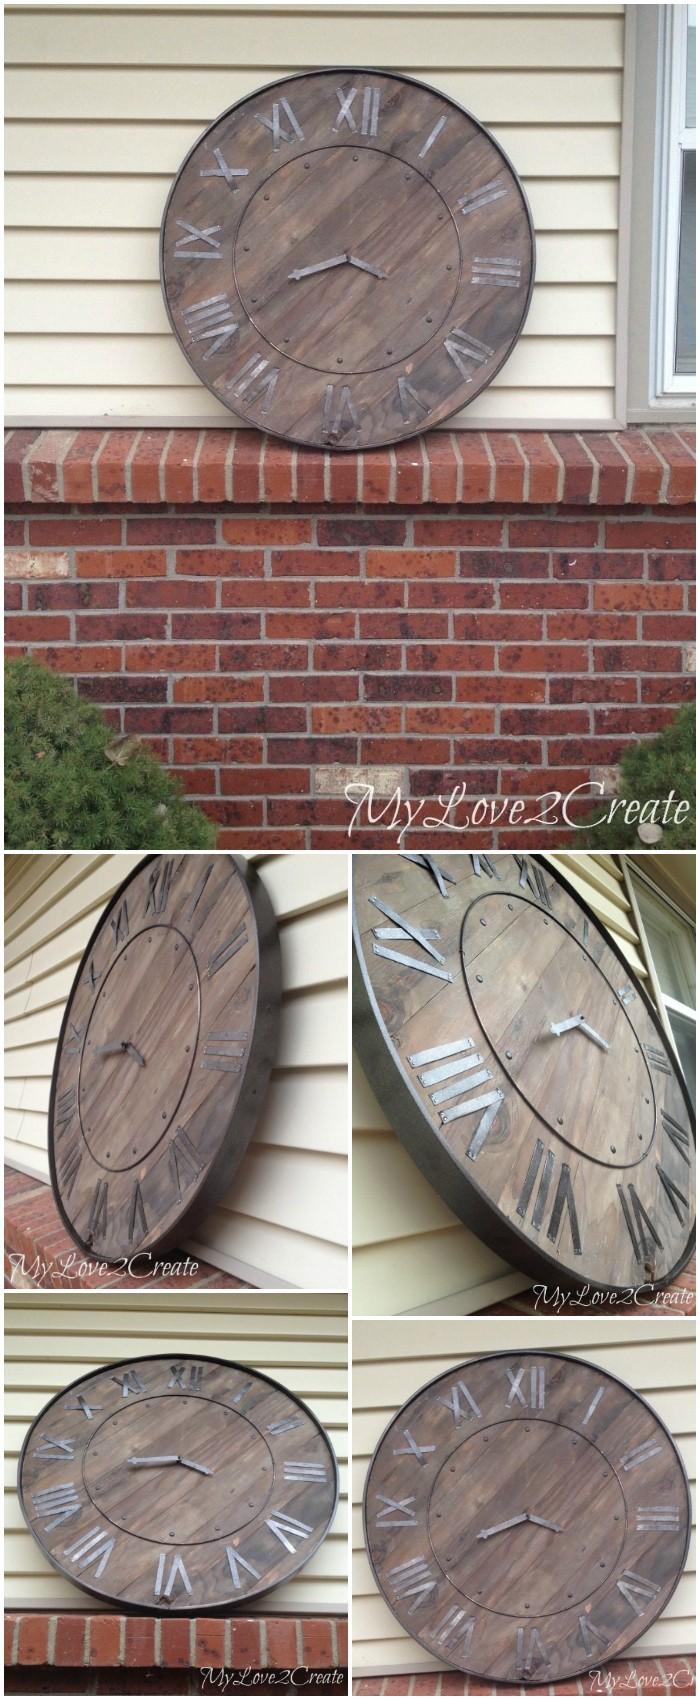 DIY Large Rustic Clock